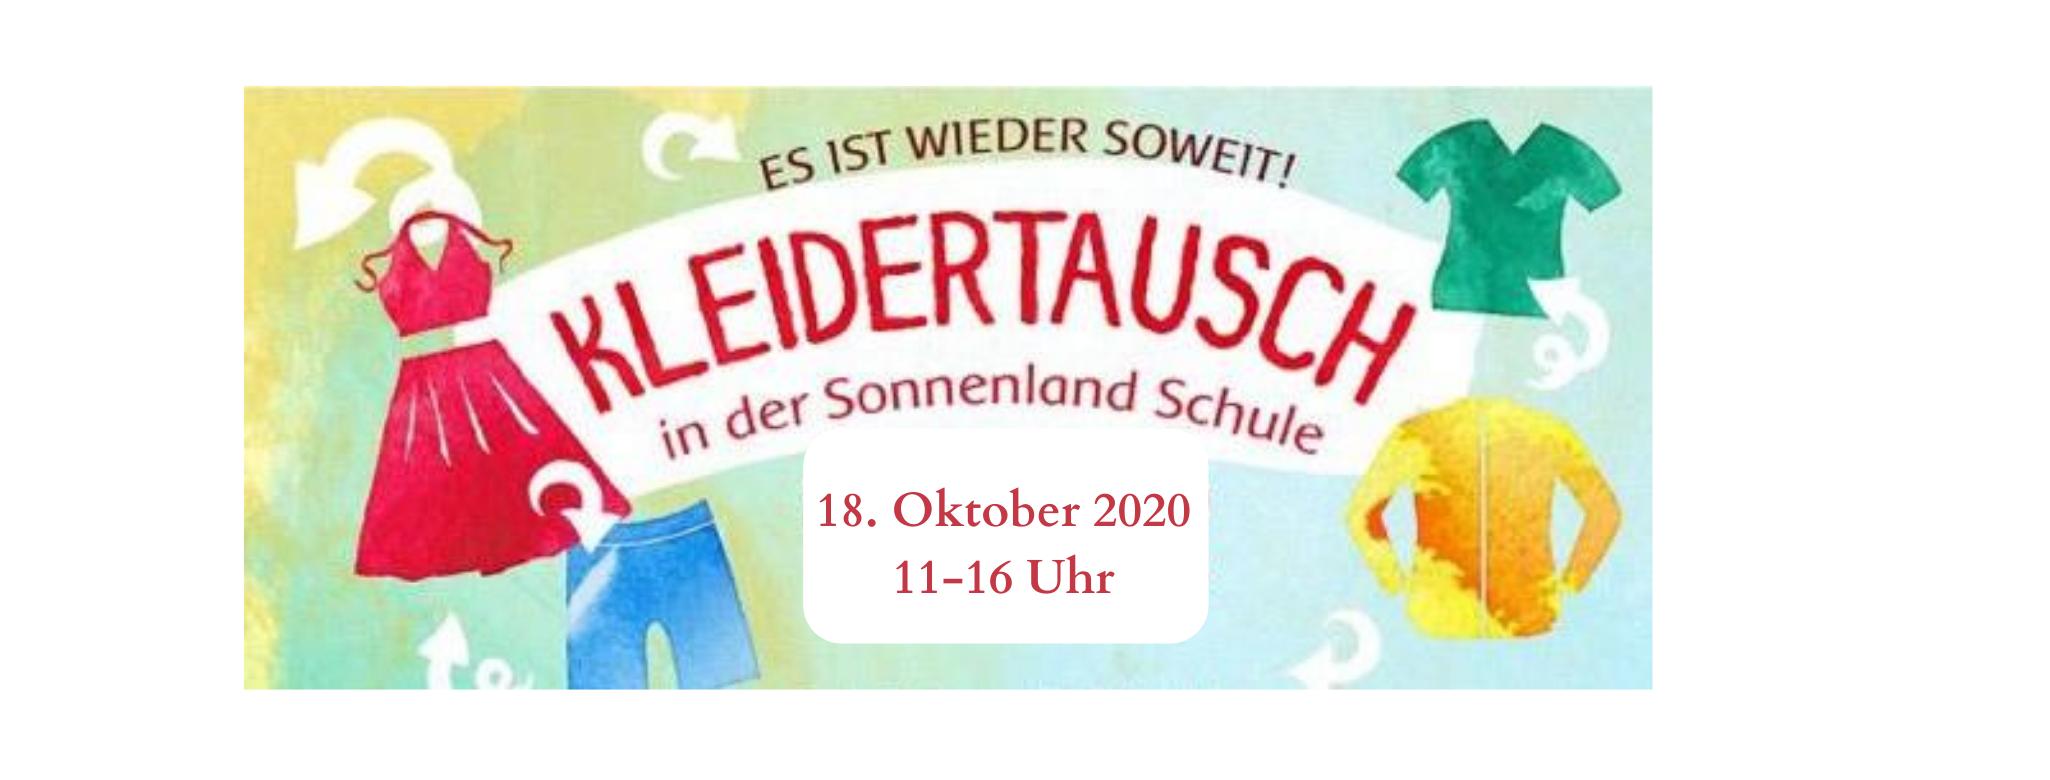 Header Kleidertausch 18. Oktober 2020